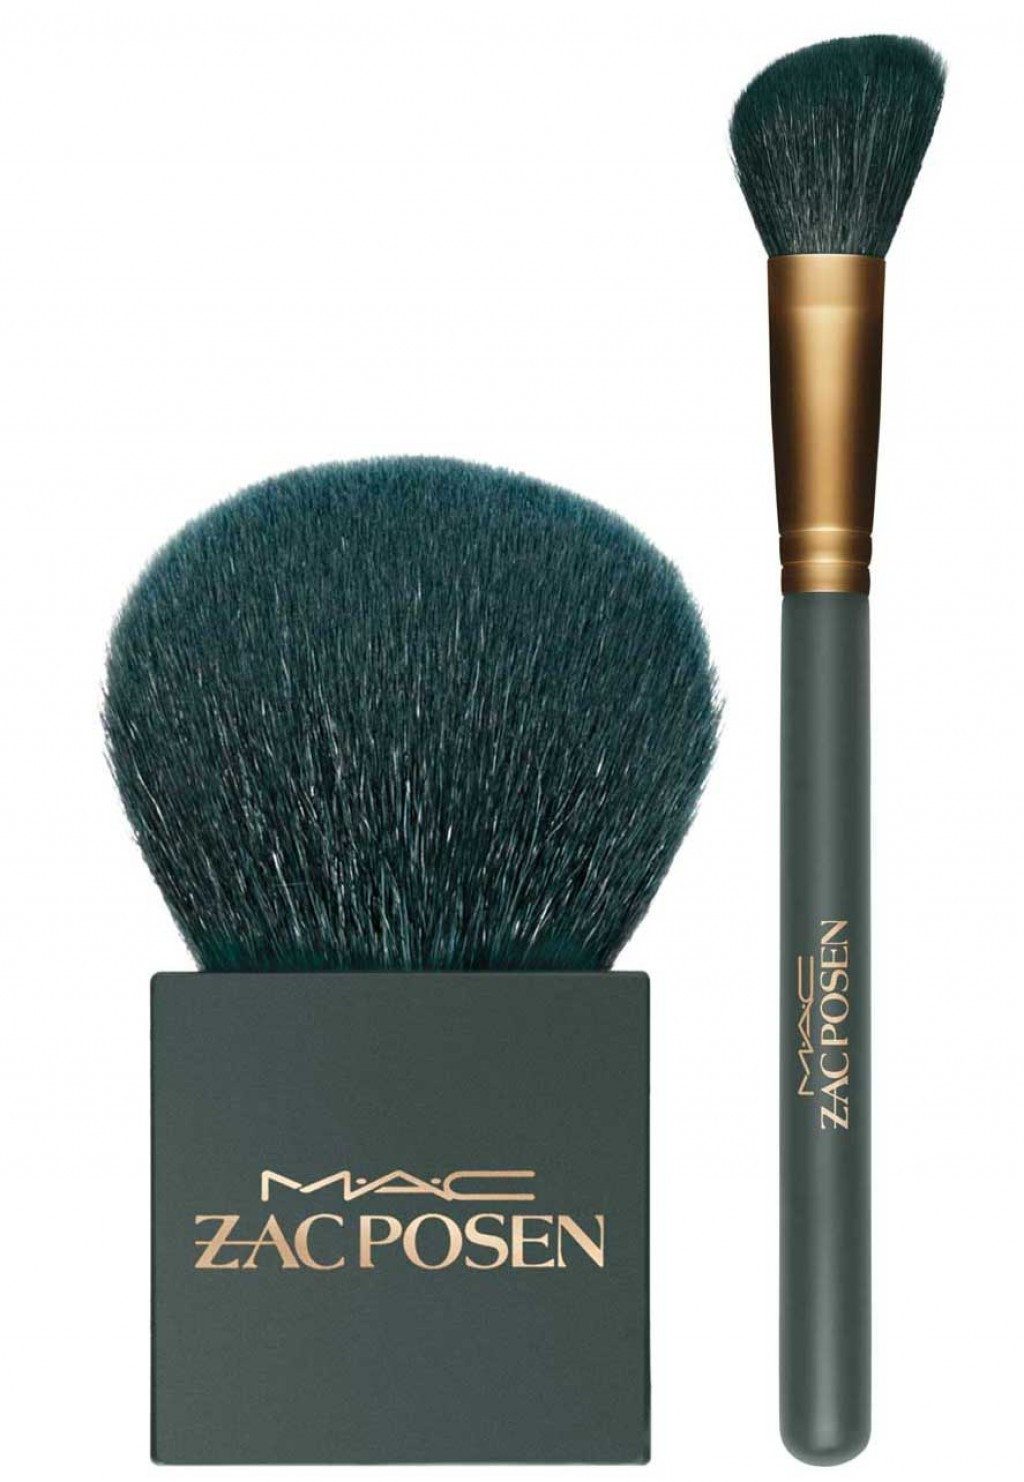 MAC Zac Posen Brushes